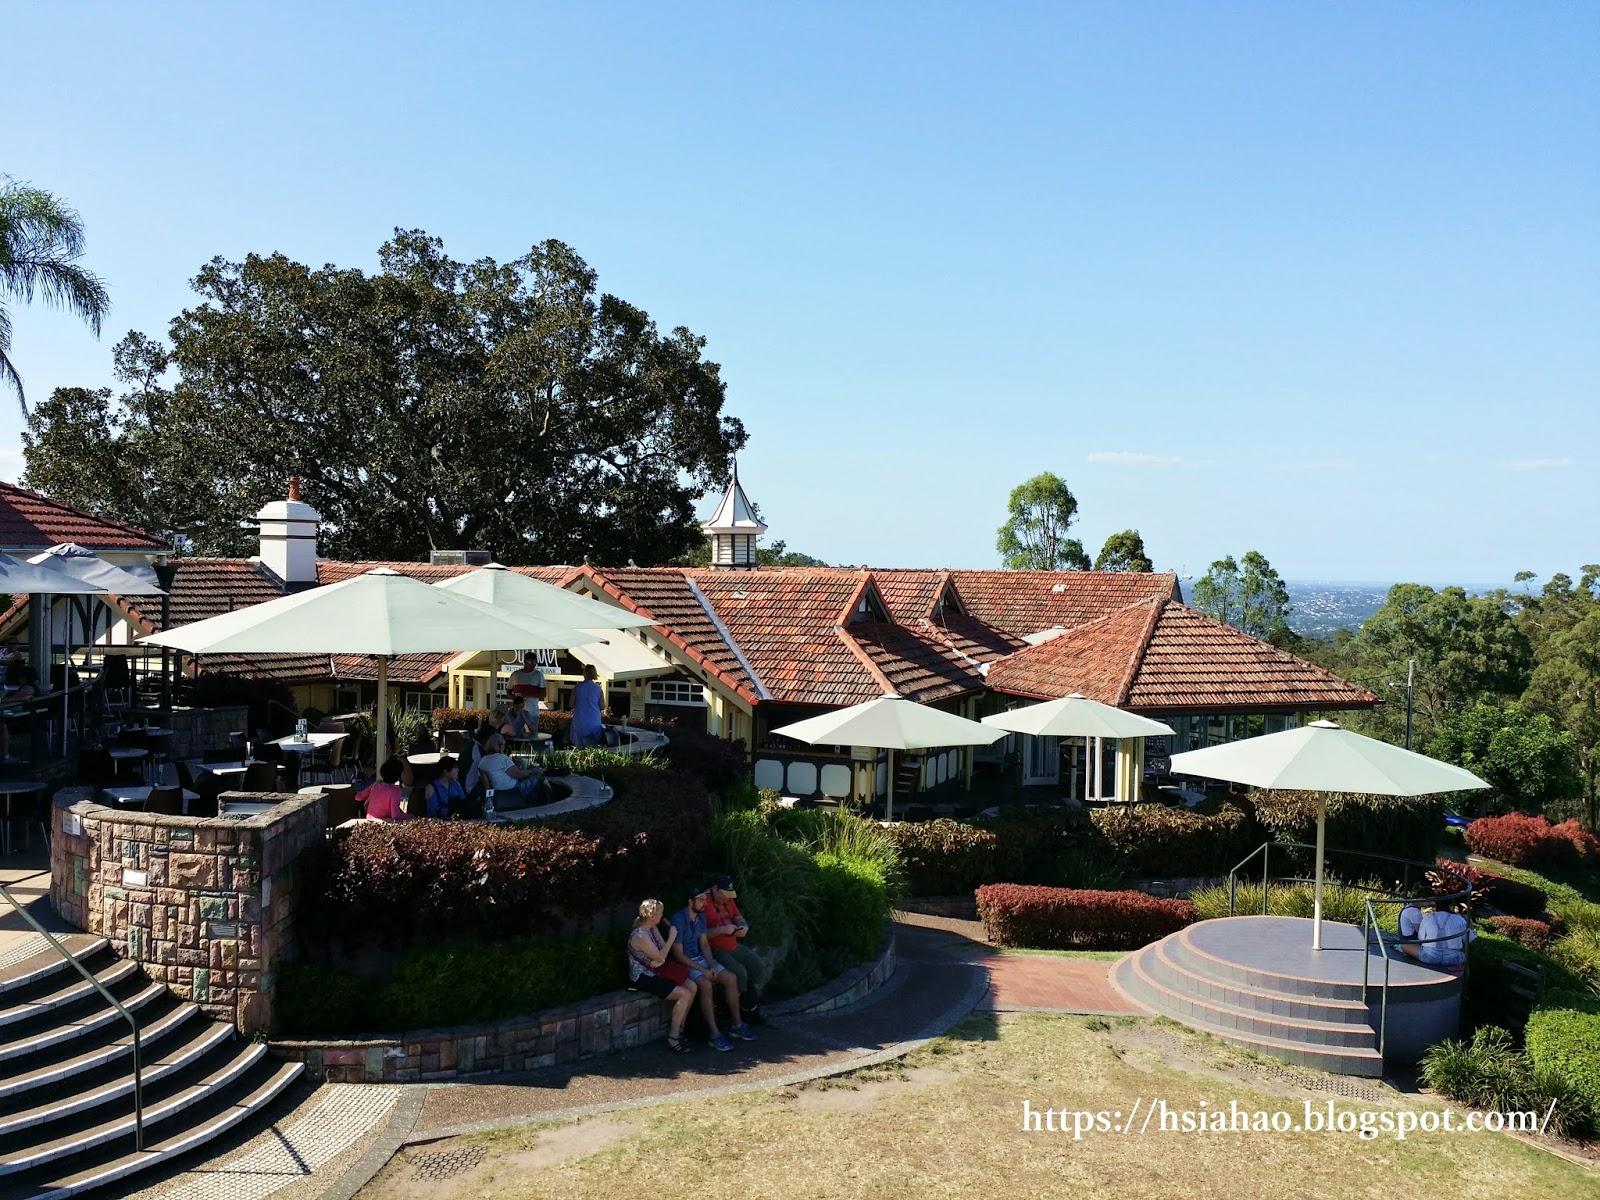 布里斯本-景點-美食-庫薩山-市區-遊記-庫薩山觀景台-行程-Mt. Coot-Tha-Summit-Lookout-Brisbane